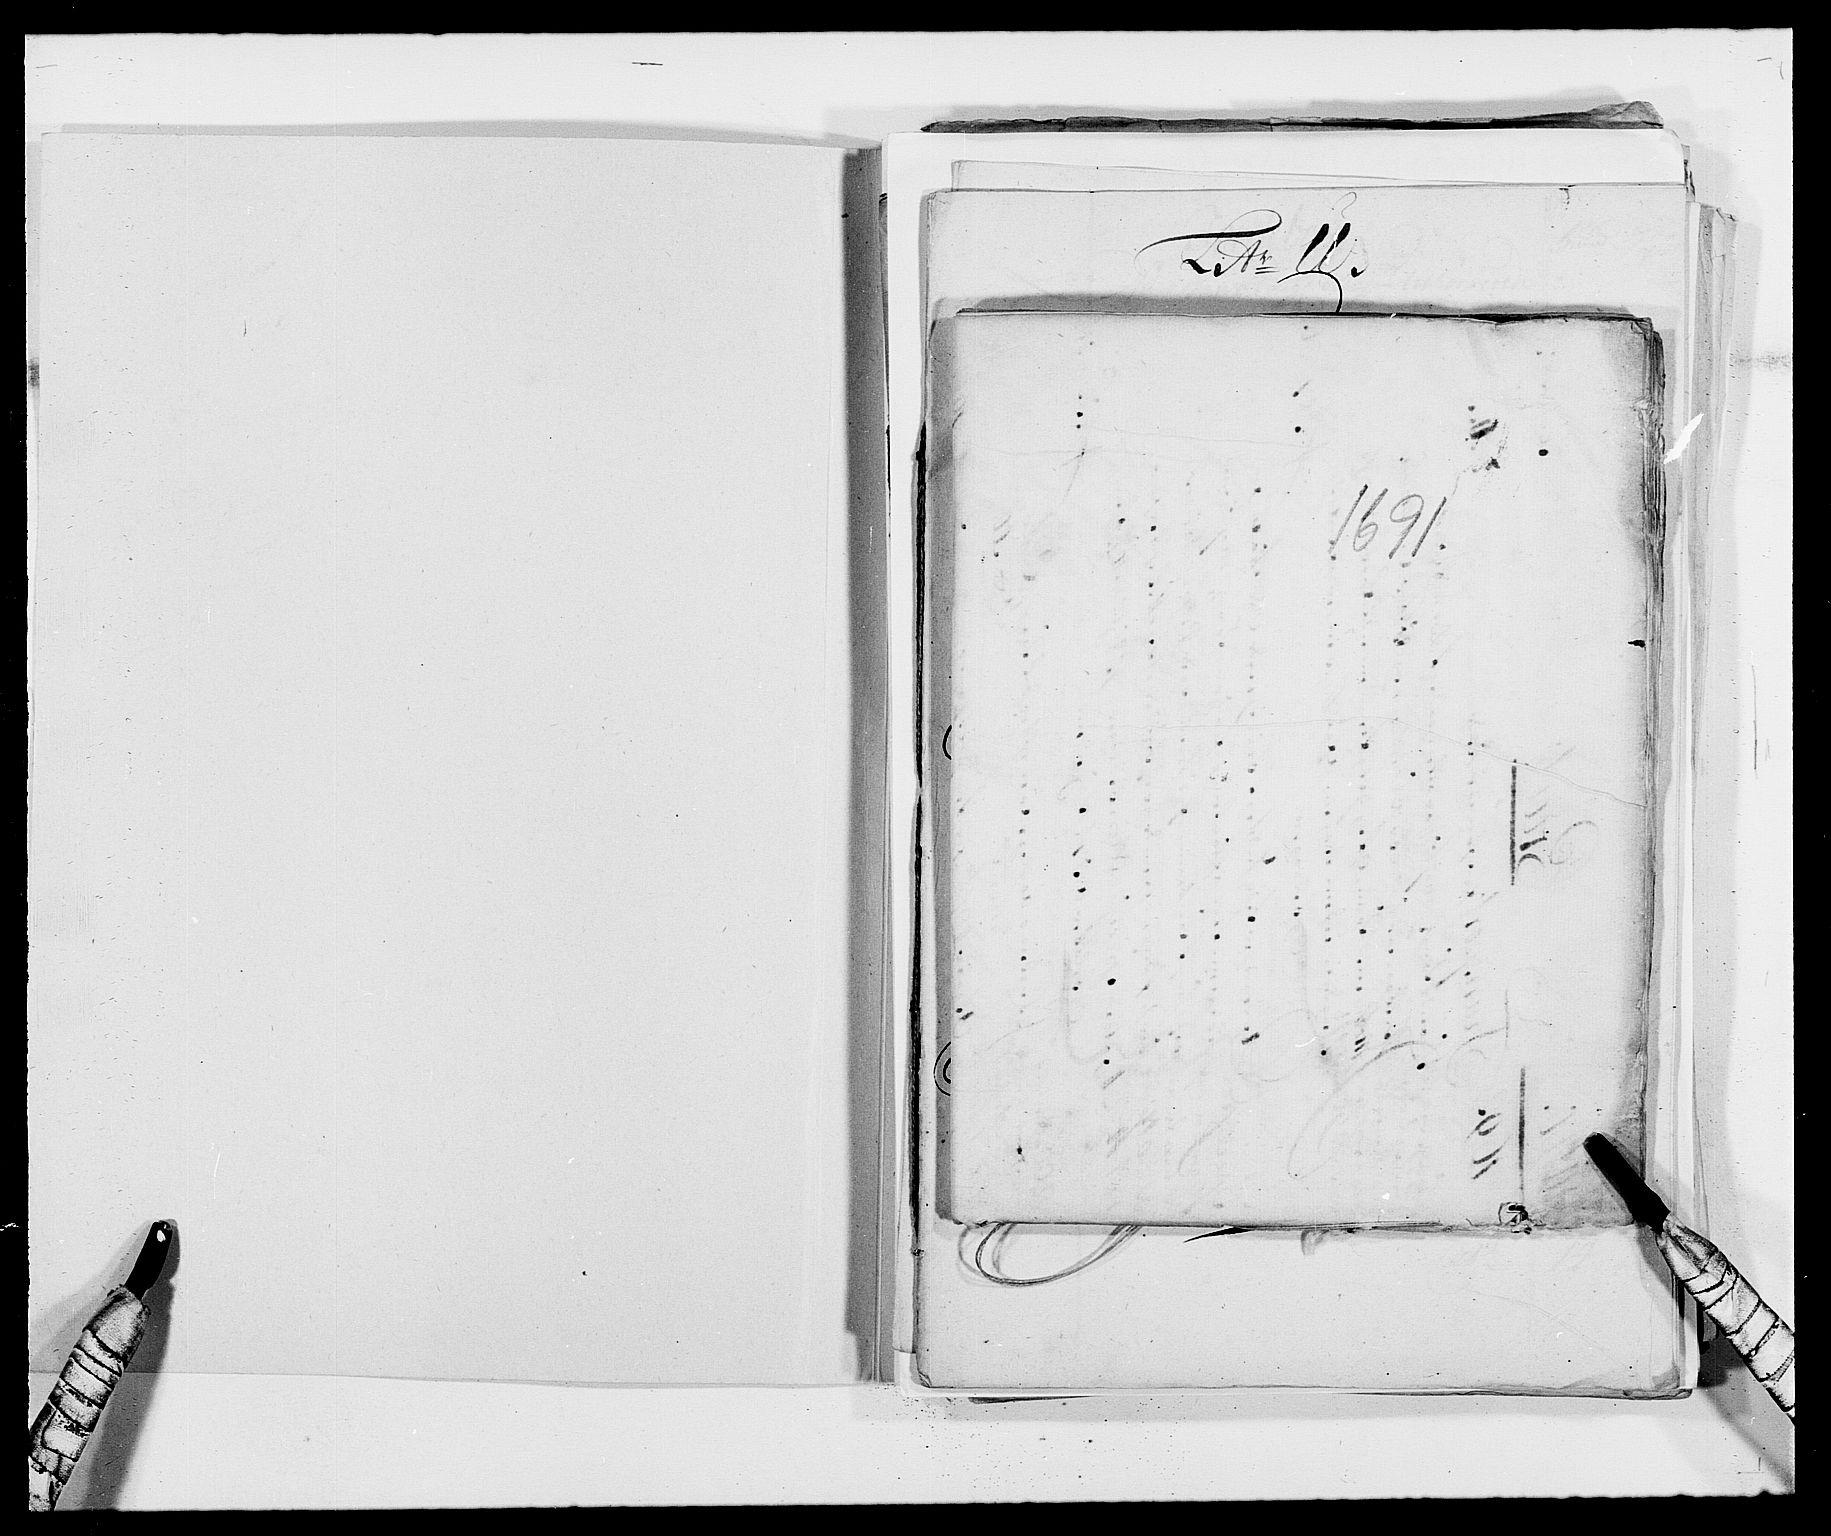 RA, Rentekammeret inntil 1814, Reviderte regnskaper, Fogderegnskap, R40/L2443: Fogderegnskap Råbyggelag, 1691-1692, s. 2